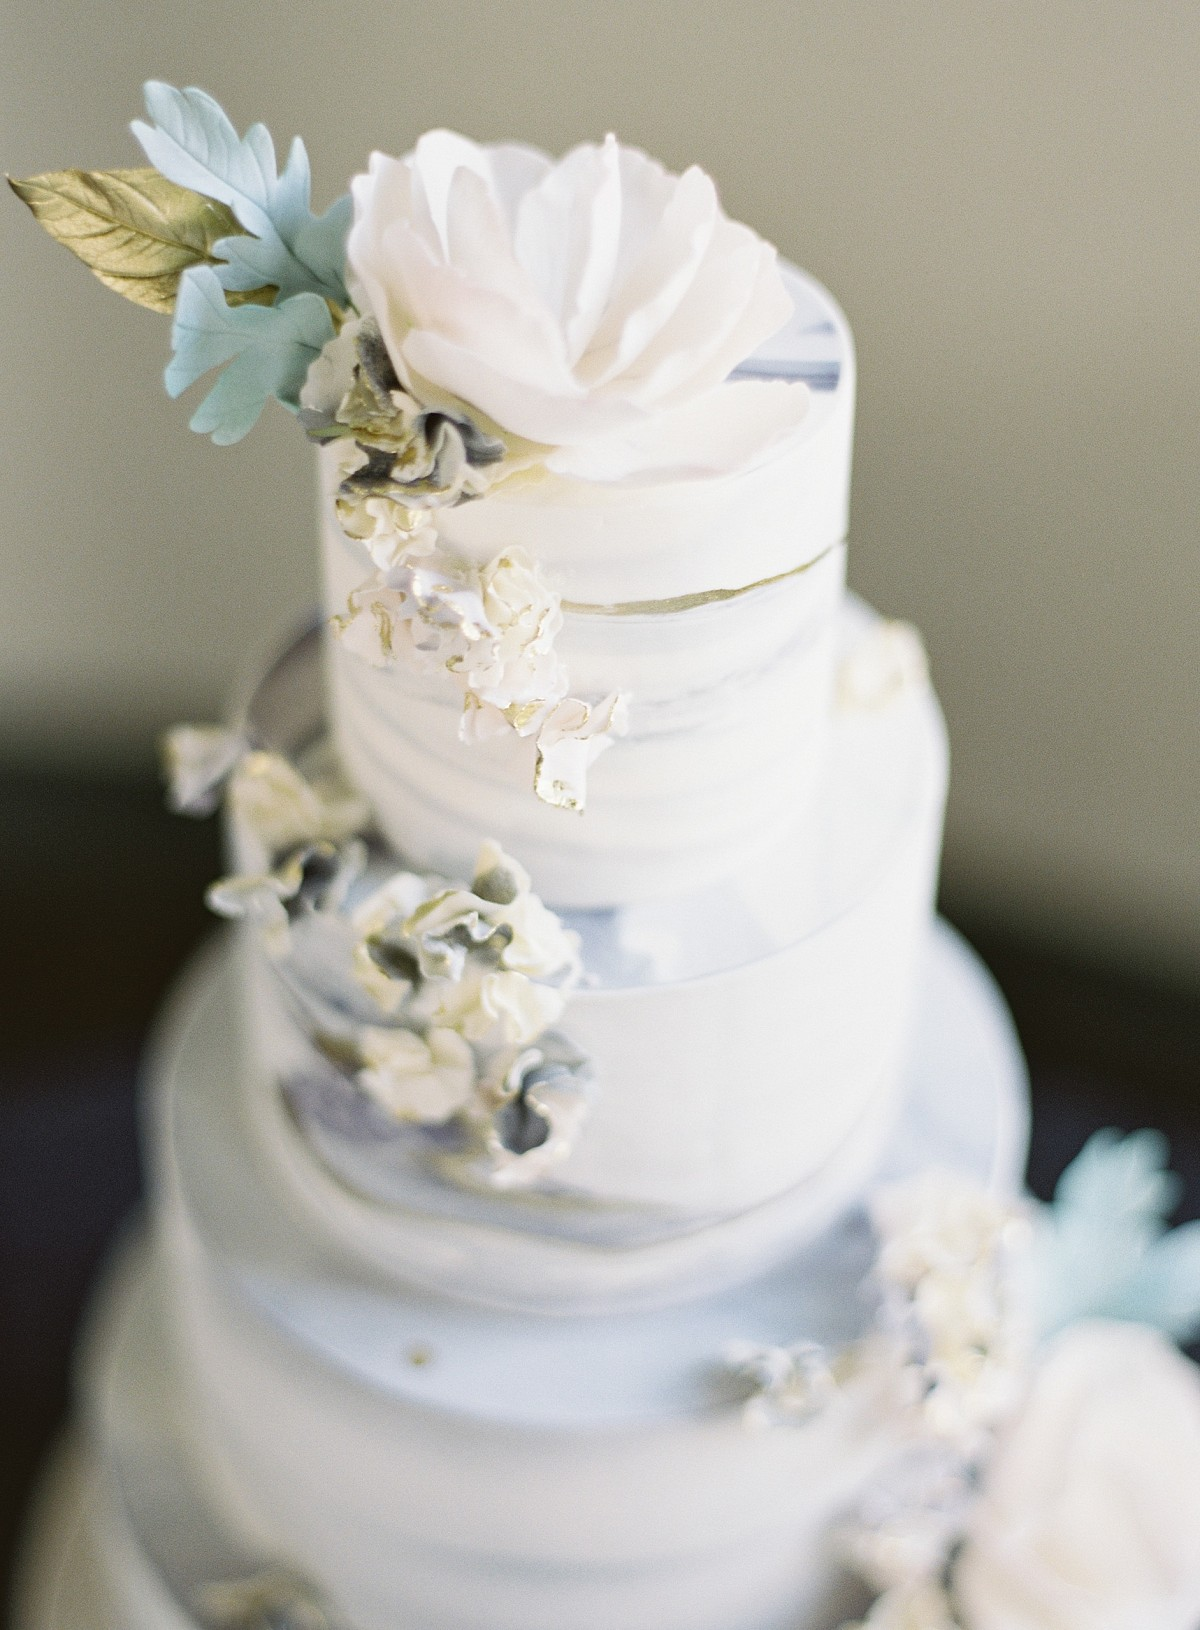 Winter Wedding Inspiration in Jewel Tones